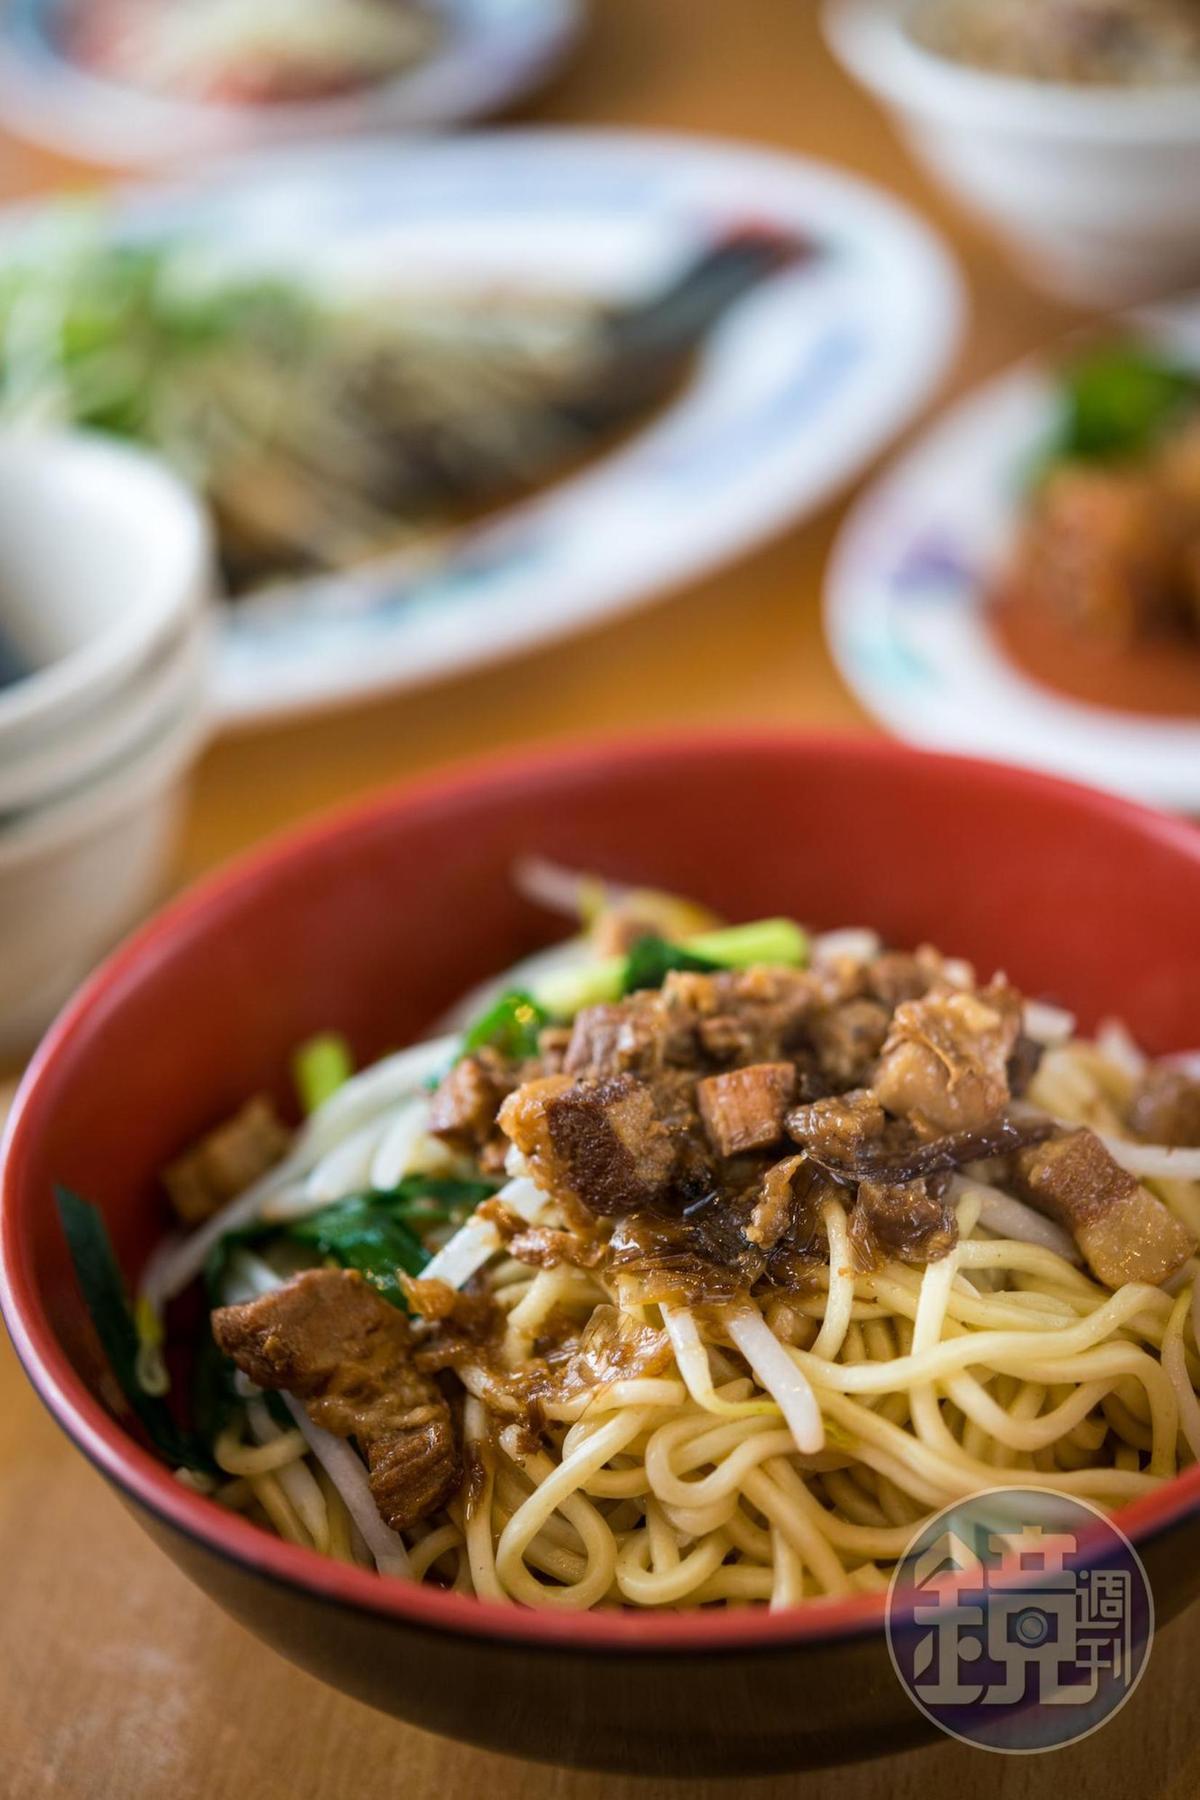 「乾切仔麵」肉臊以三層肉加自家油蔥炒製。(40元/碗)